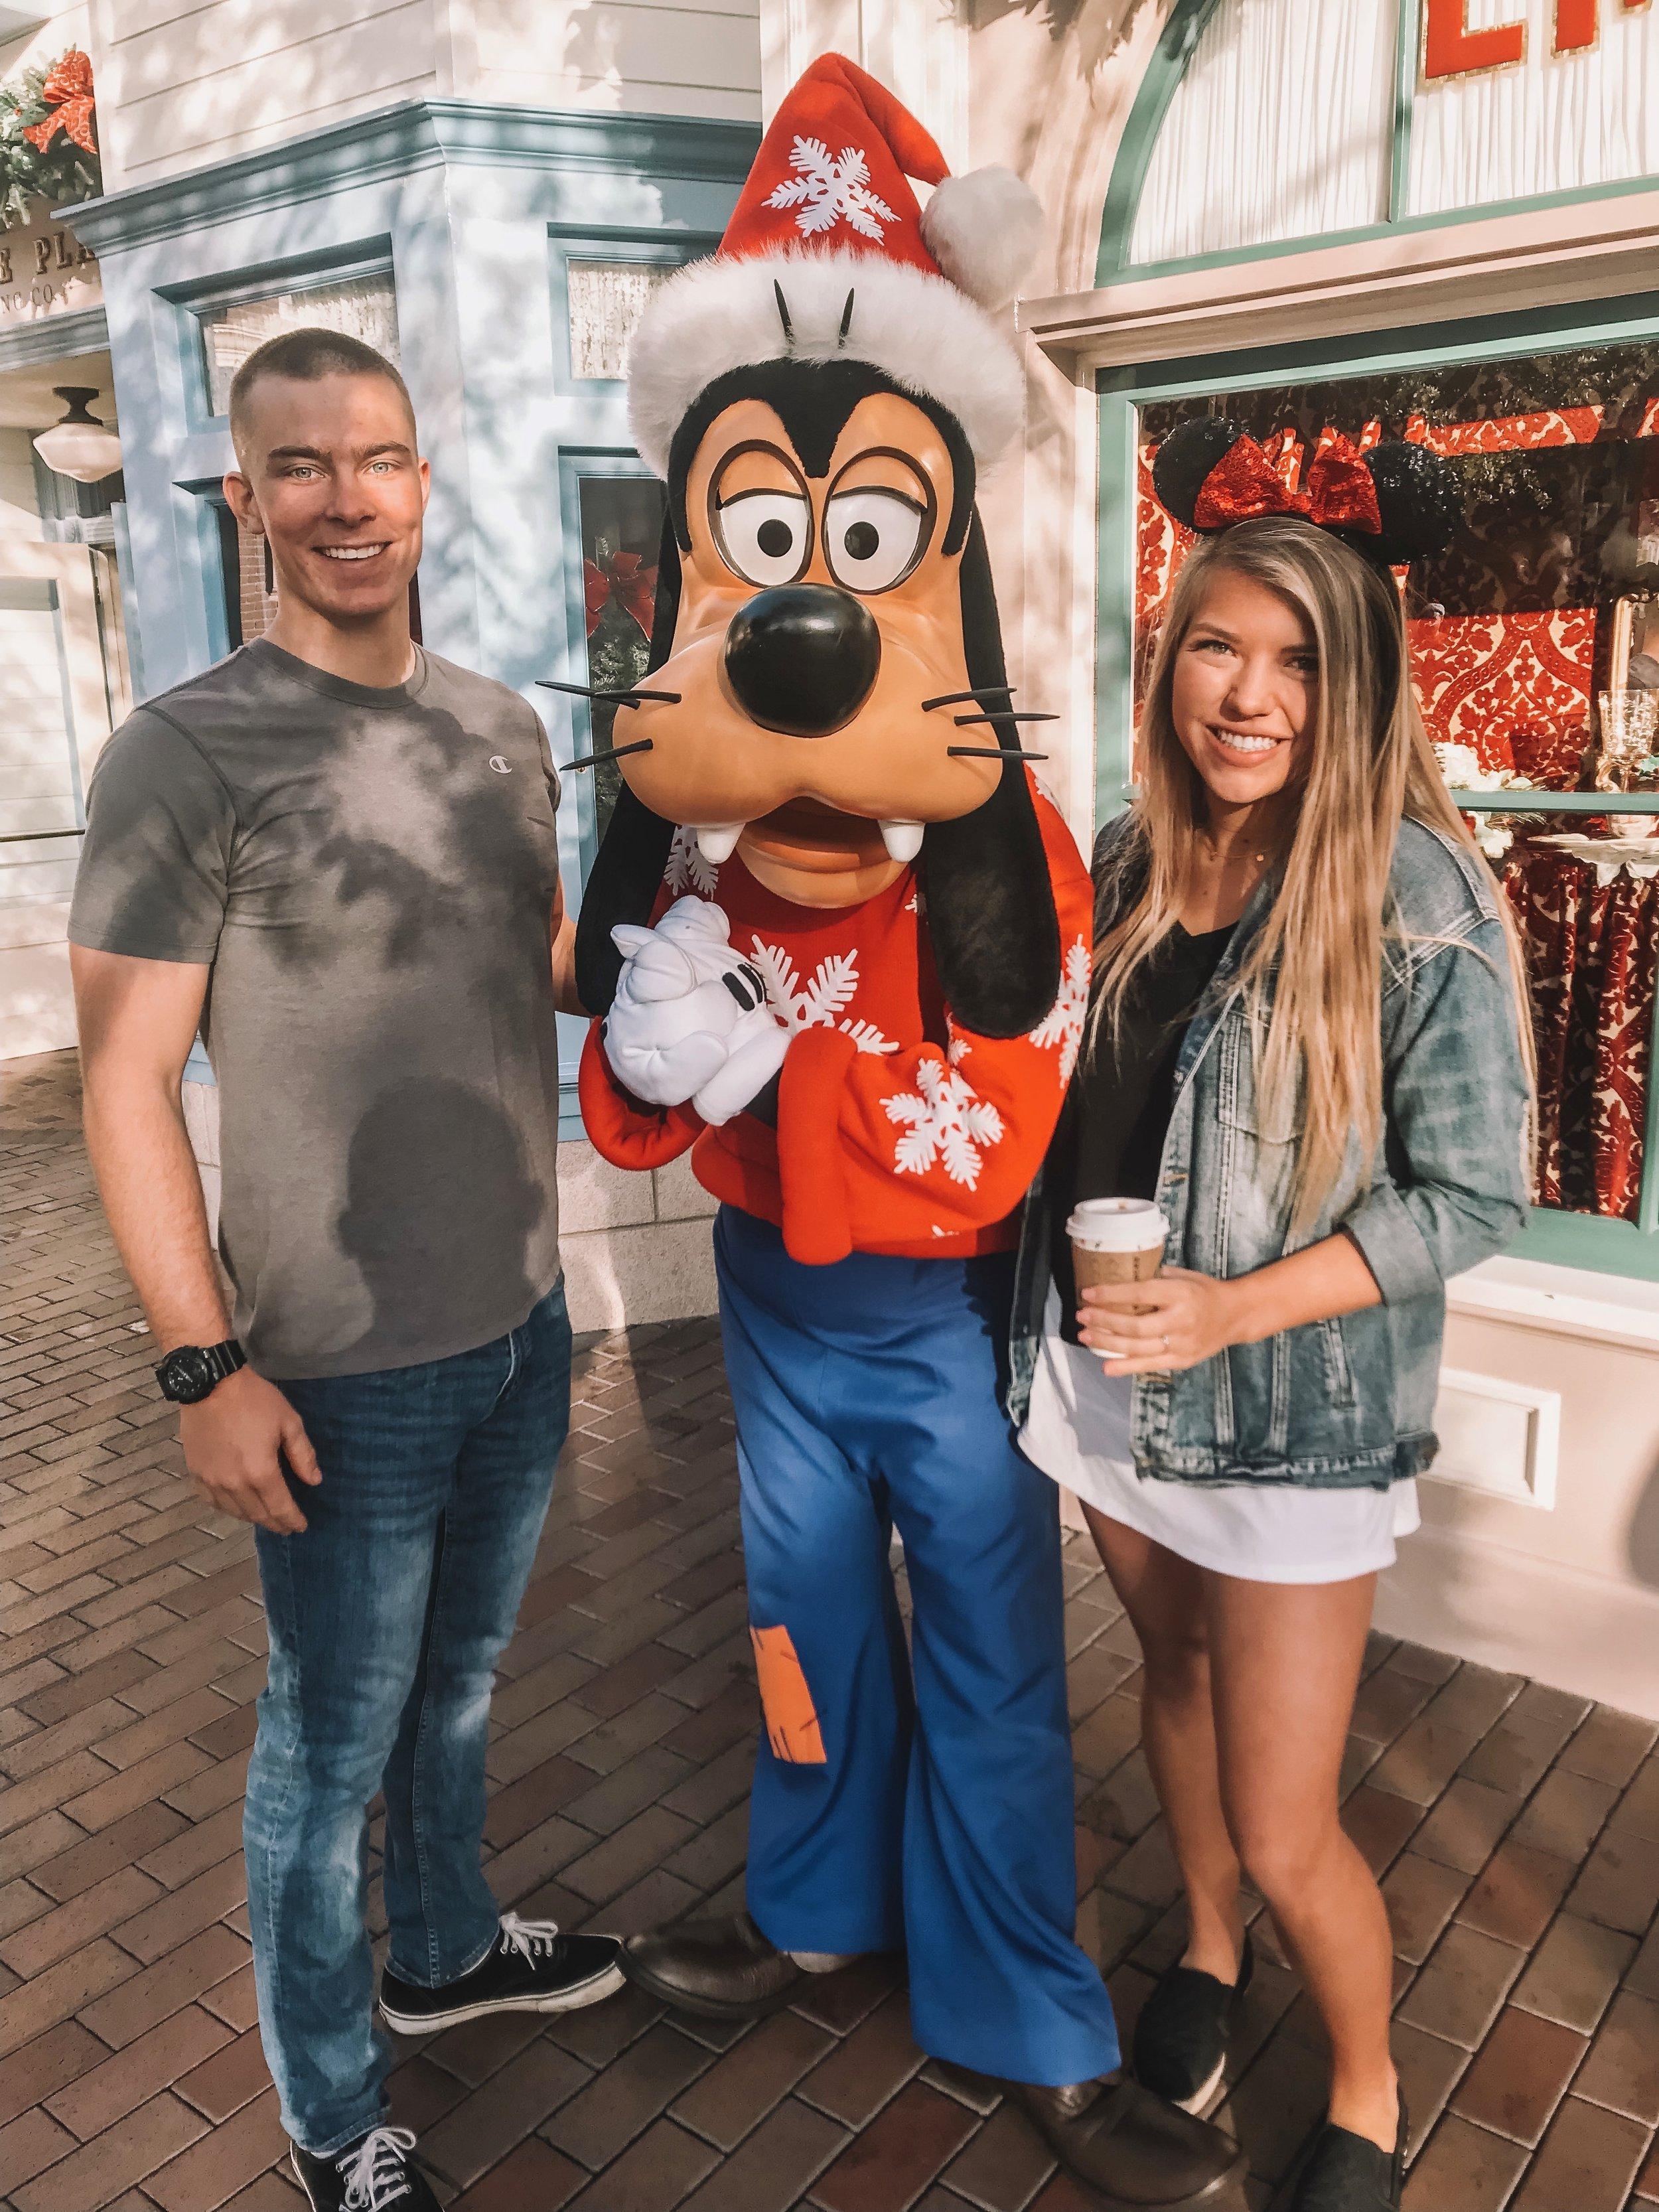 Meeting Goofy Disneyland.jpg